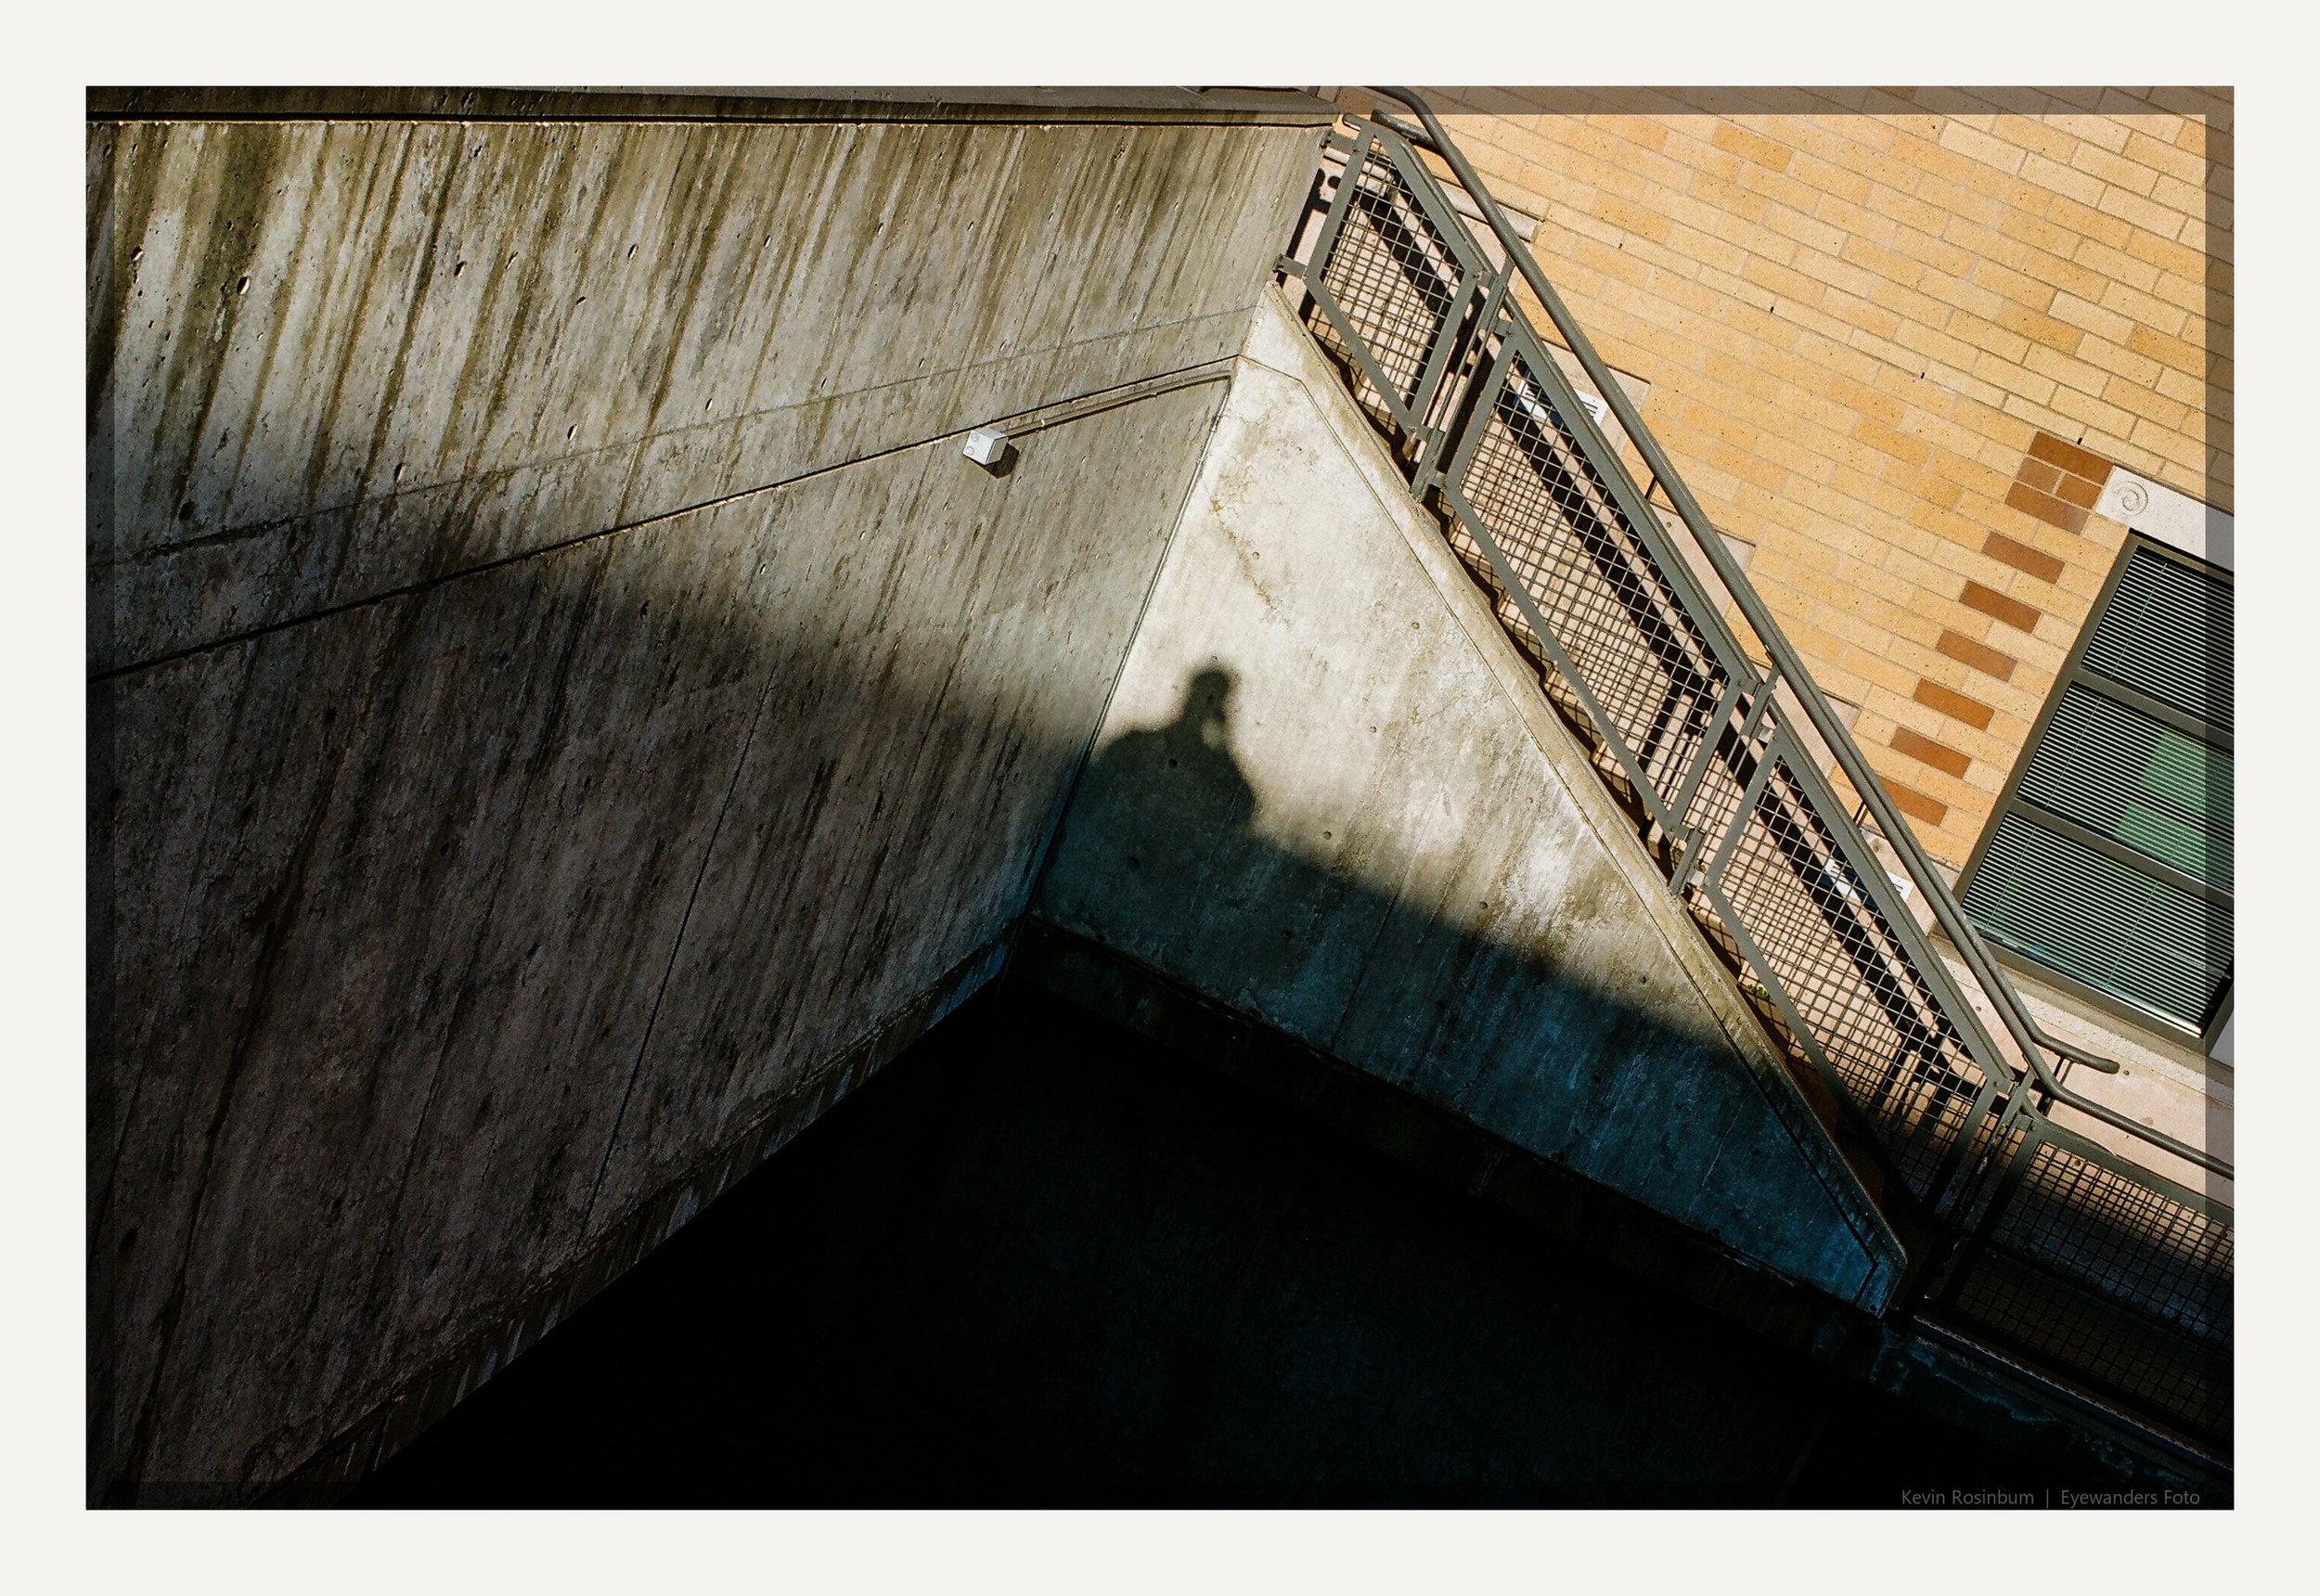 Kevin Rosinbum | Keep Us Together | Pentax MX 50mm | Fuji Reala